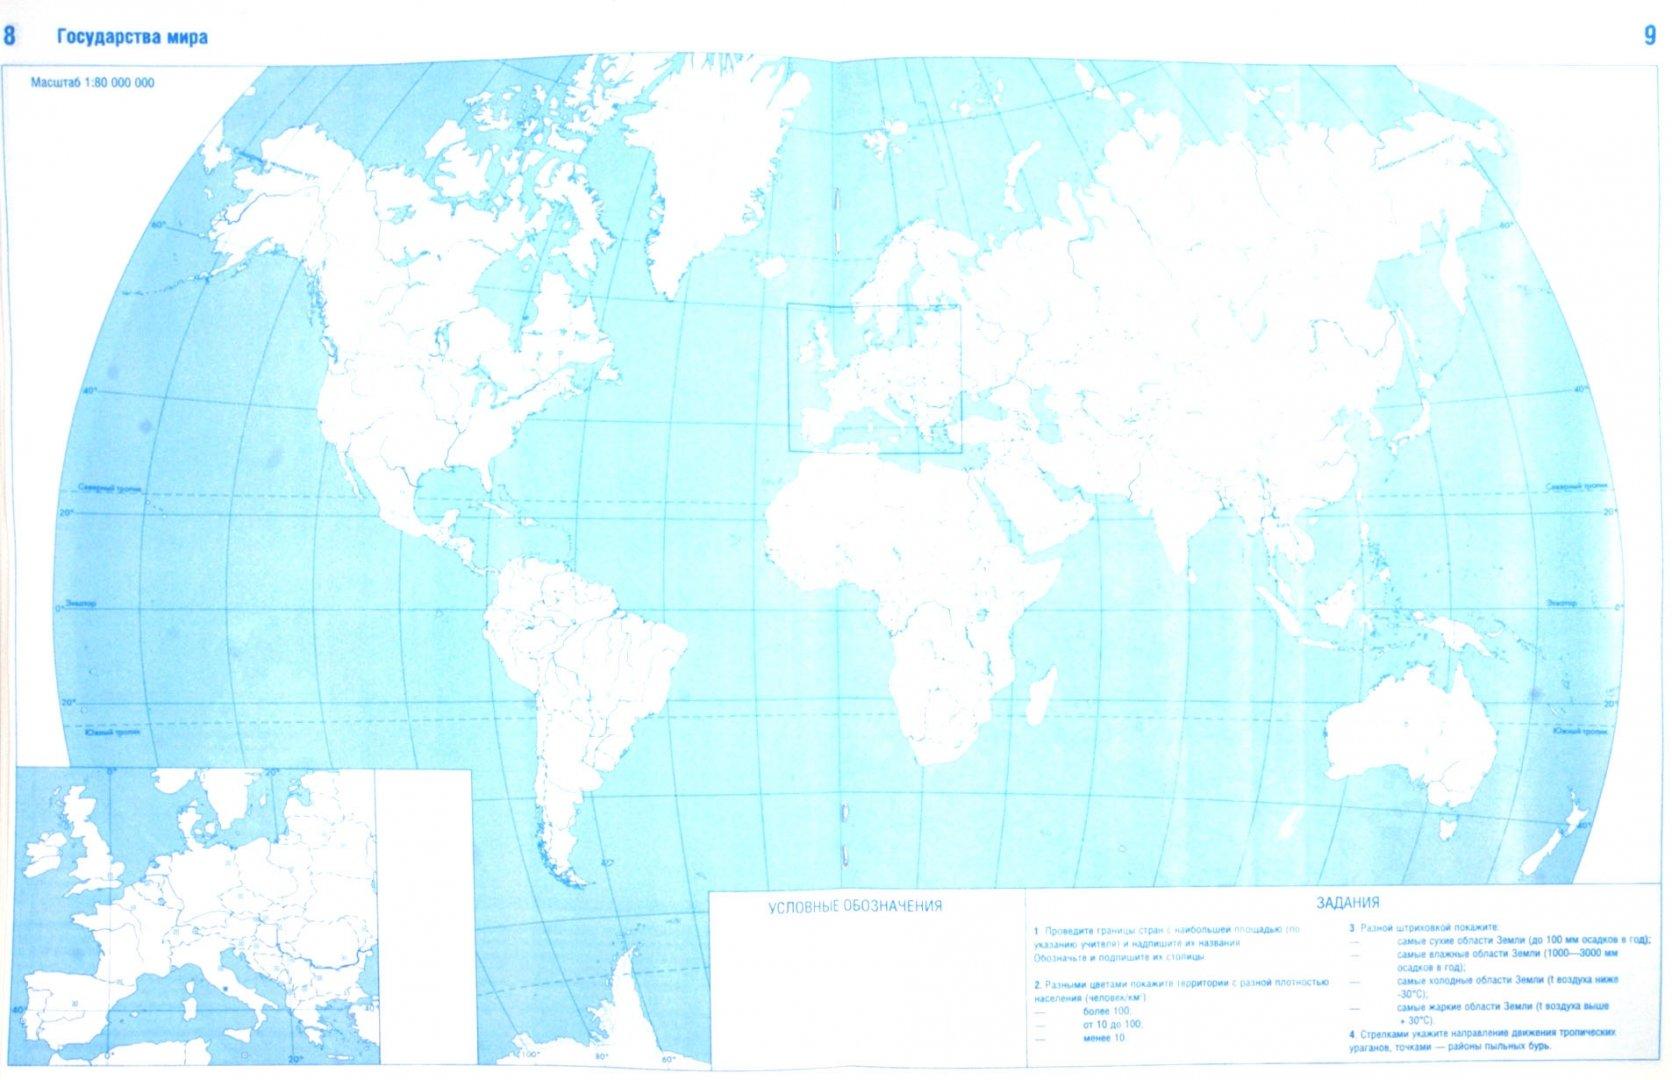 Иллюстрация 1 из 16 для География. 6 класс. Атлас с контурными картами. Начальный курс | Лабиринт - книги. Источник: Лабиринт